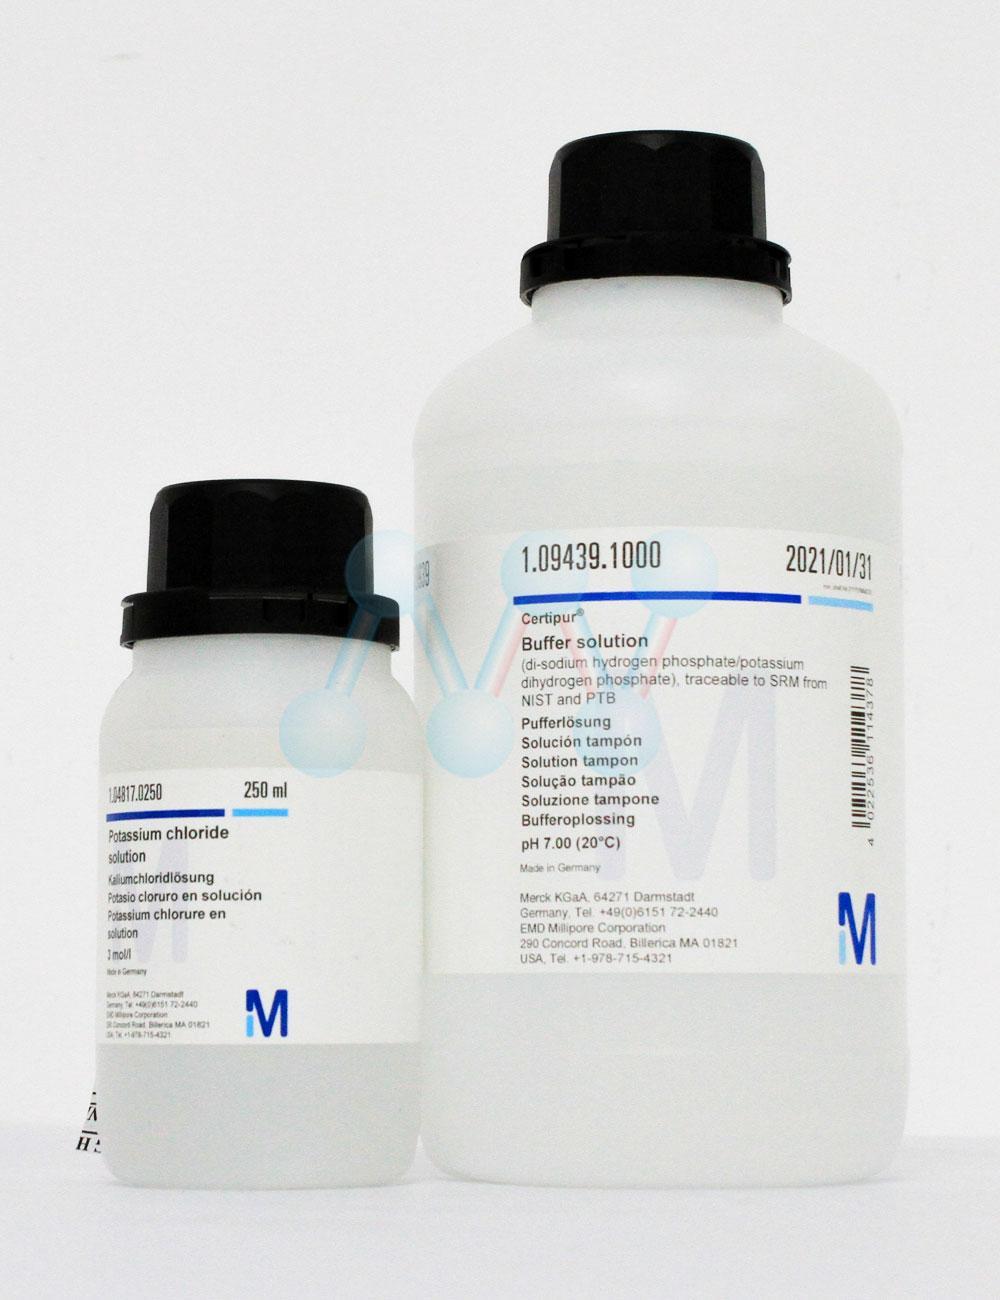 DD chuẩn HCl (Acid Hydrochloric Standard) 0.1N